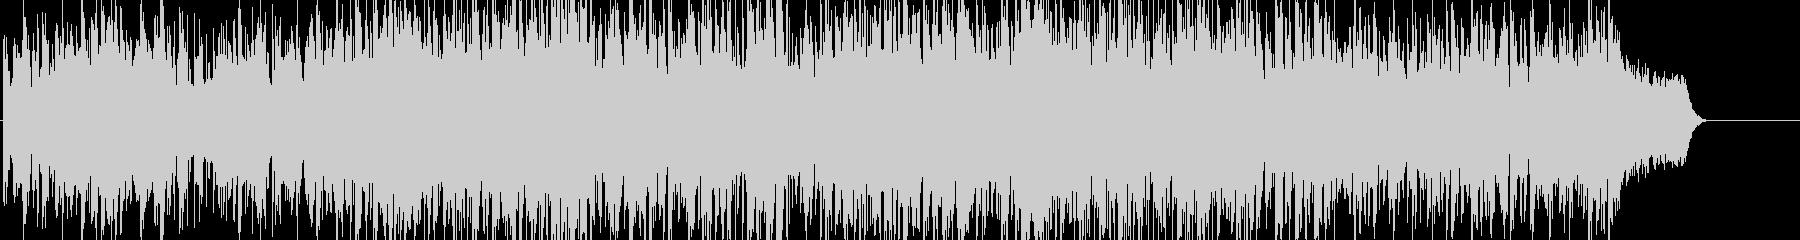 アコギメロが特徴のおしゃれで軽快なBGMの未再生の波形